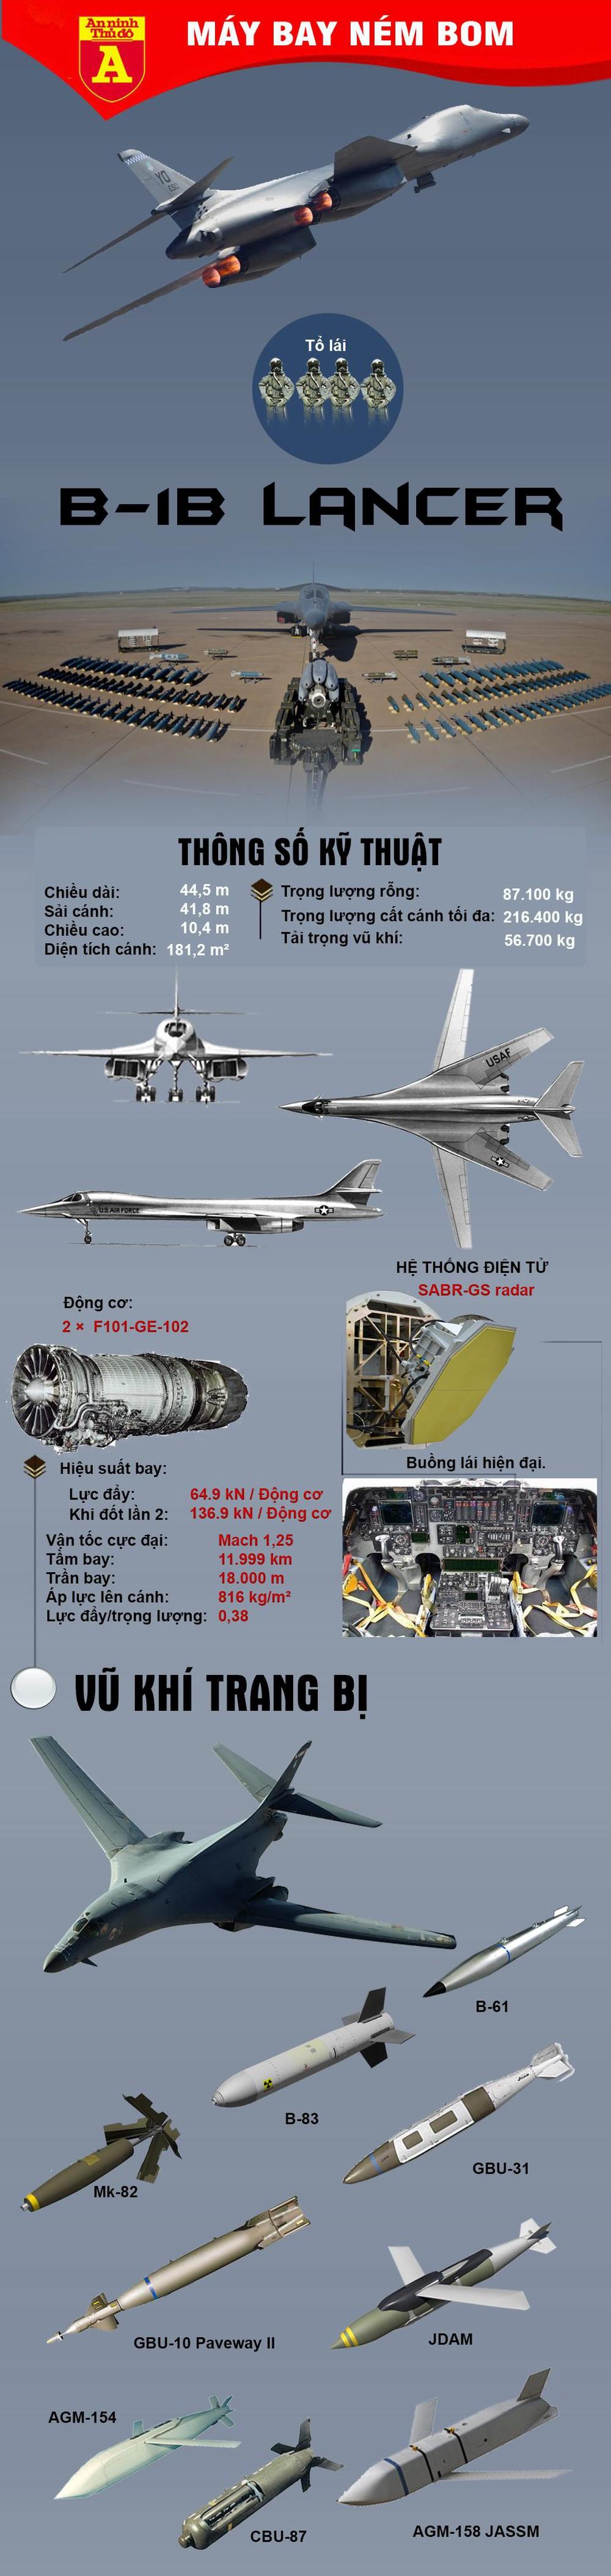 [Info] Máy bay ném bom chiến lược B-1B Lancer Mỹ áp sát biên giới Nga - Ảnh 1